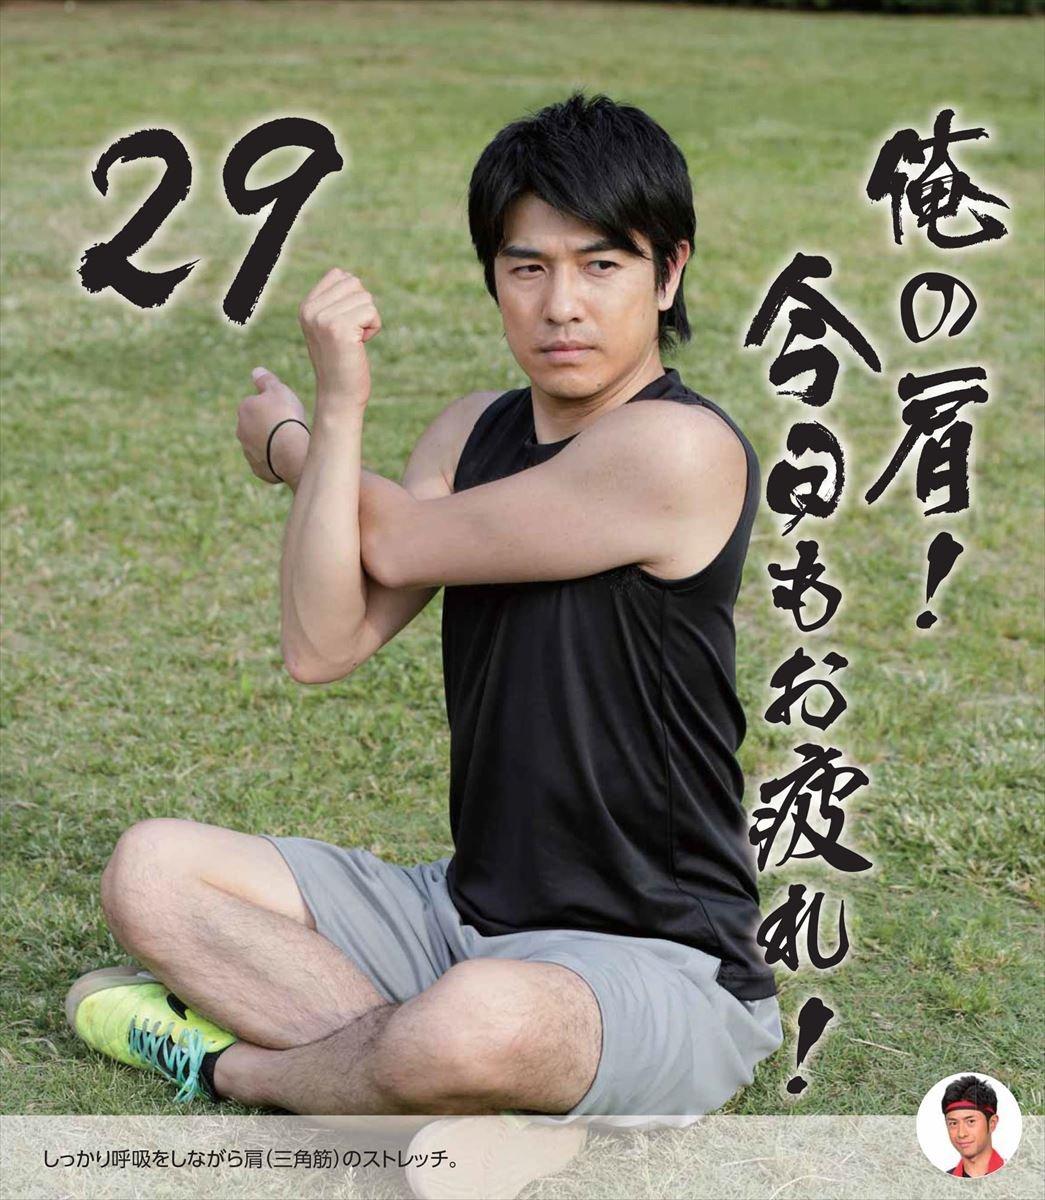 フジテレビの男性アナウンサー Part2©2ch.netYouTube動画>5本 ->画像>366枚